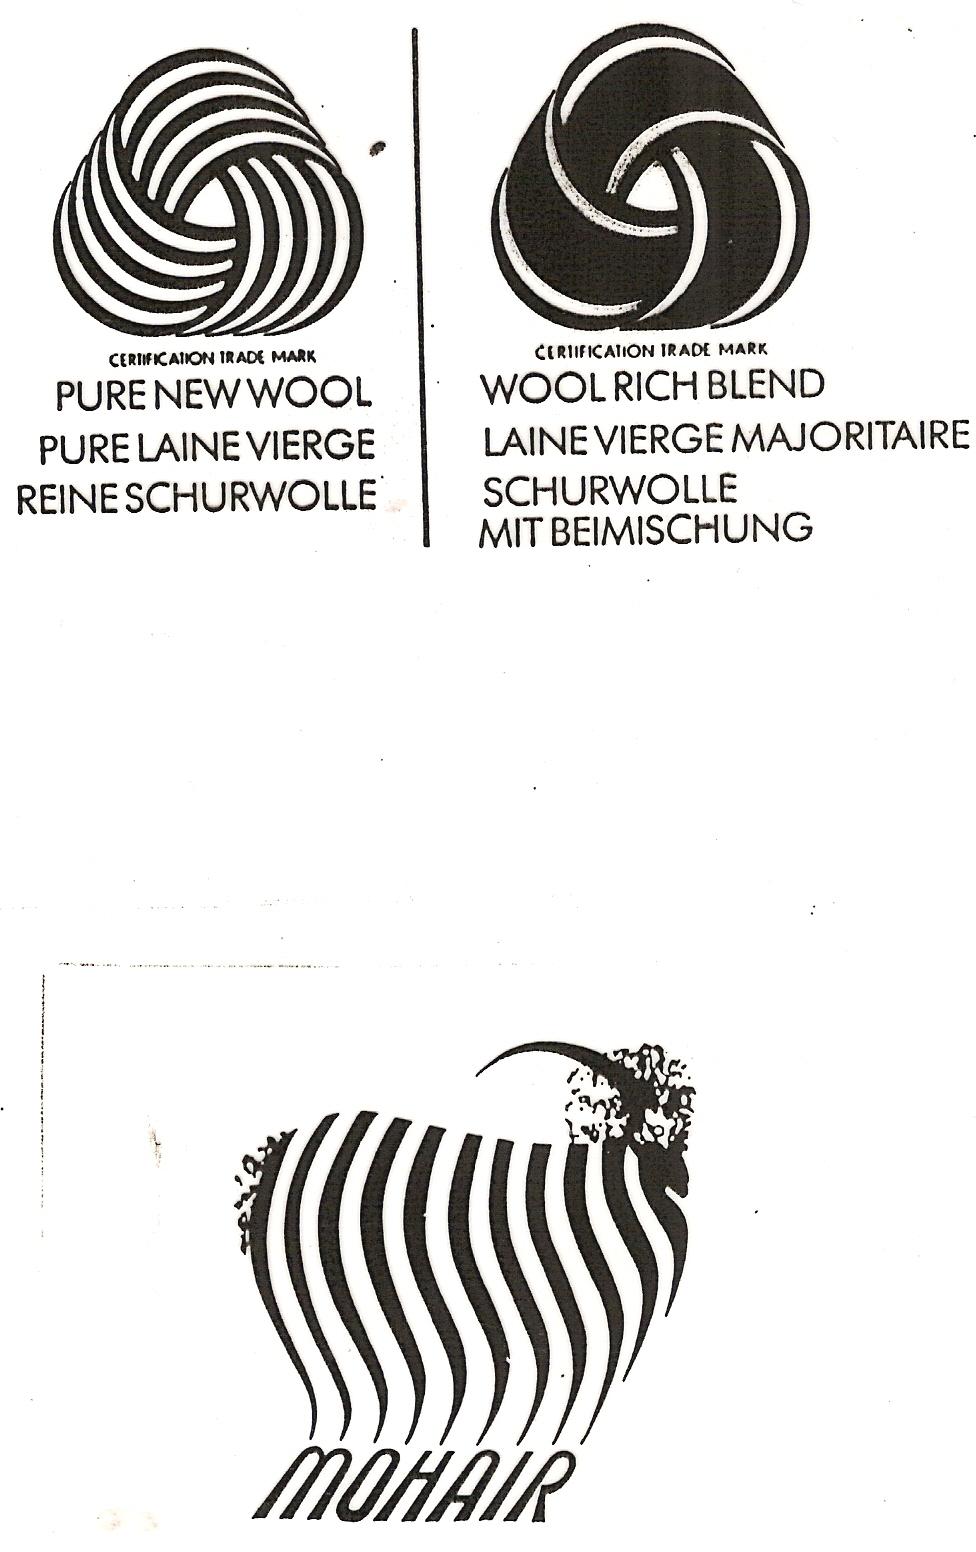 piktogramy k označování vlněných výrobků